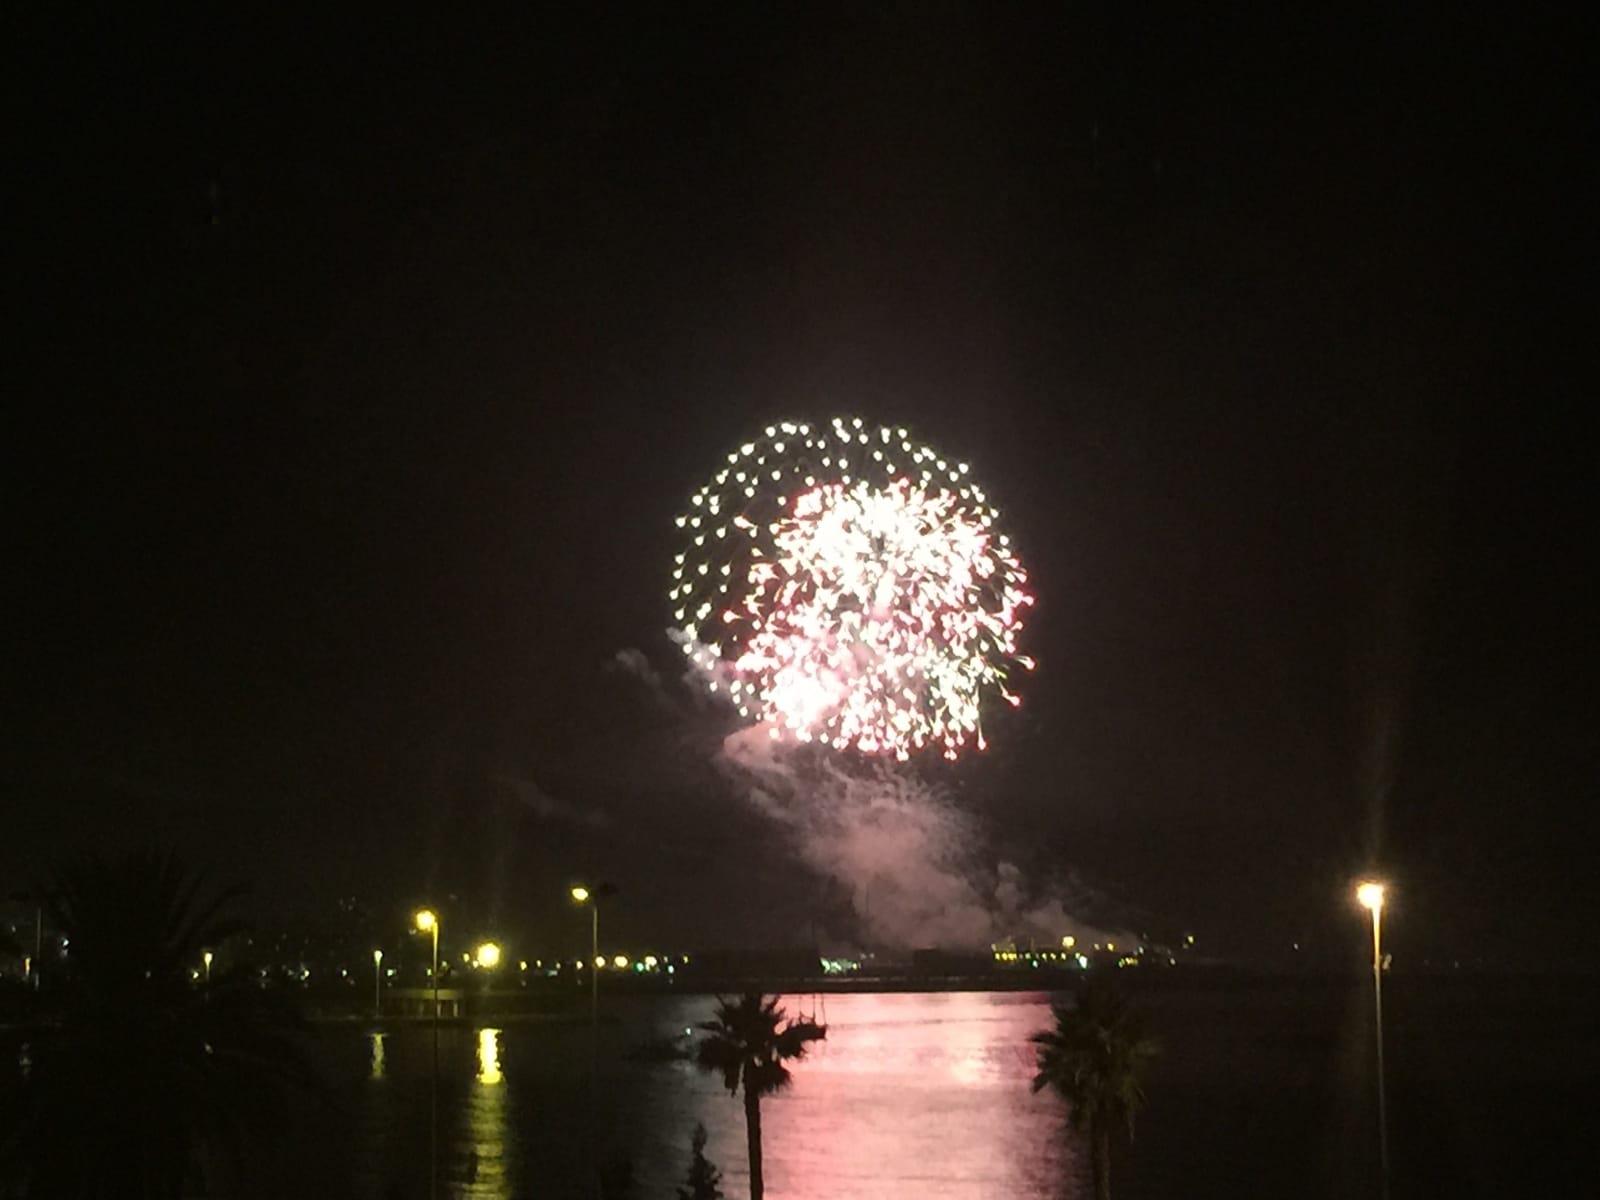 fuegos-artificiales-como-colofn-del-da-nacional-de-gibraltar-2015_22731418922_o